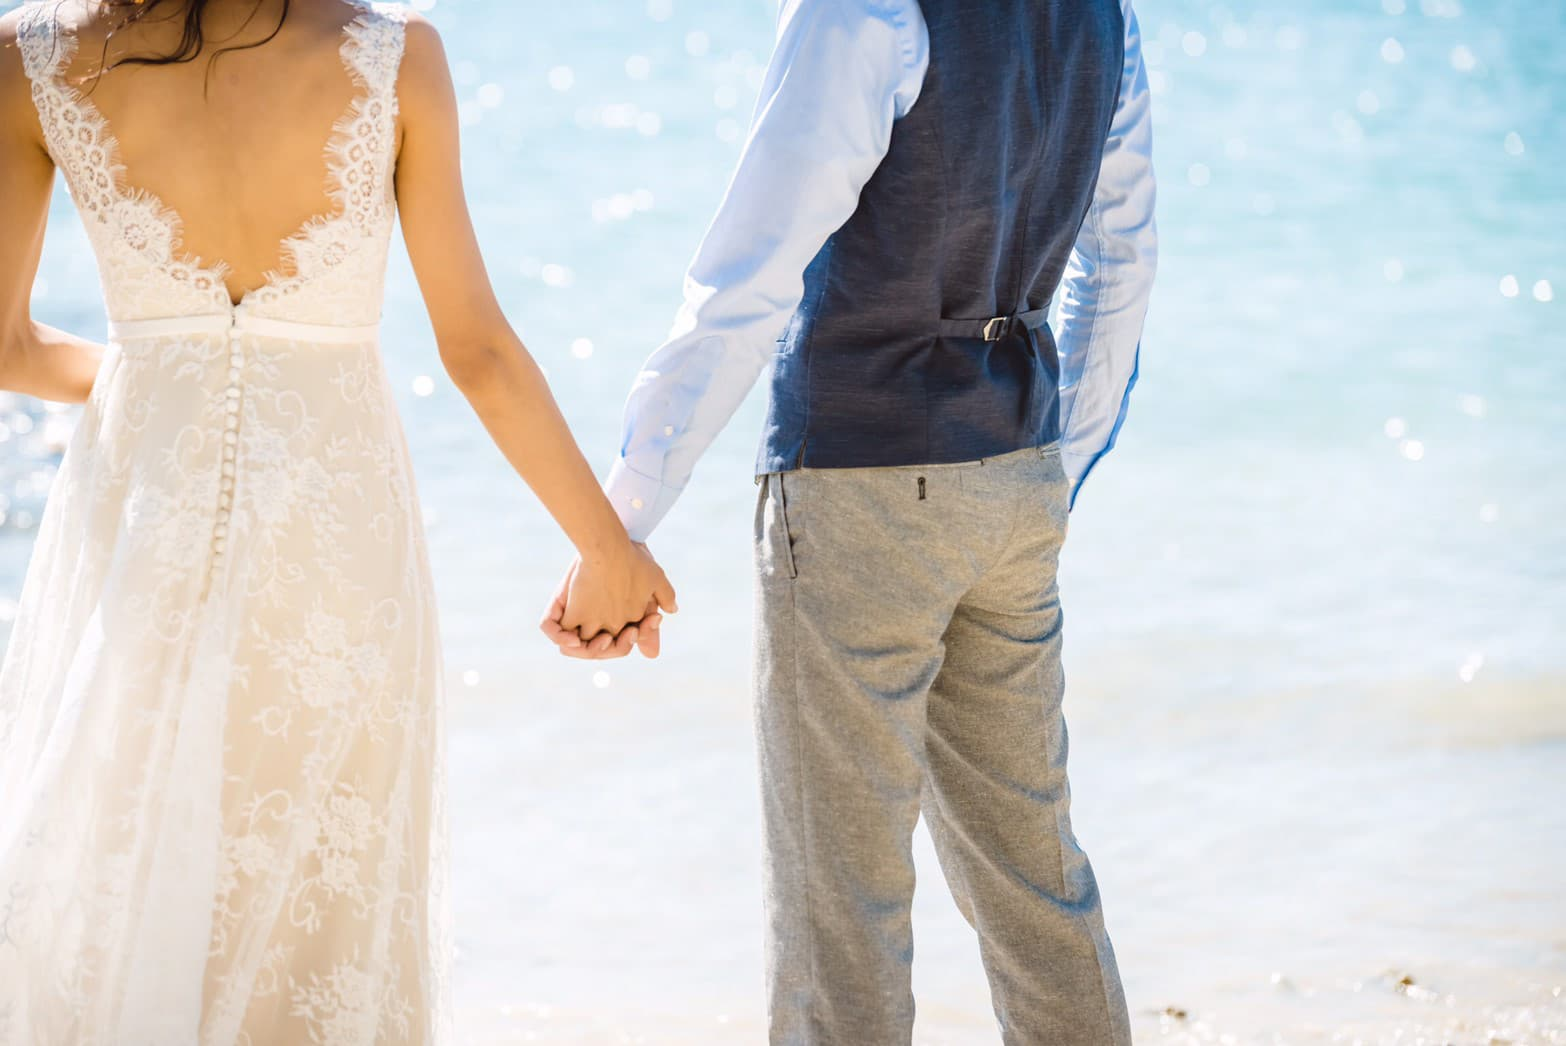 ご自身の好きなスタイルでの結婚式を実現できるカスタマイズウエディング&ハネムーン